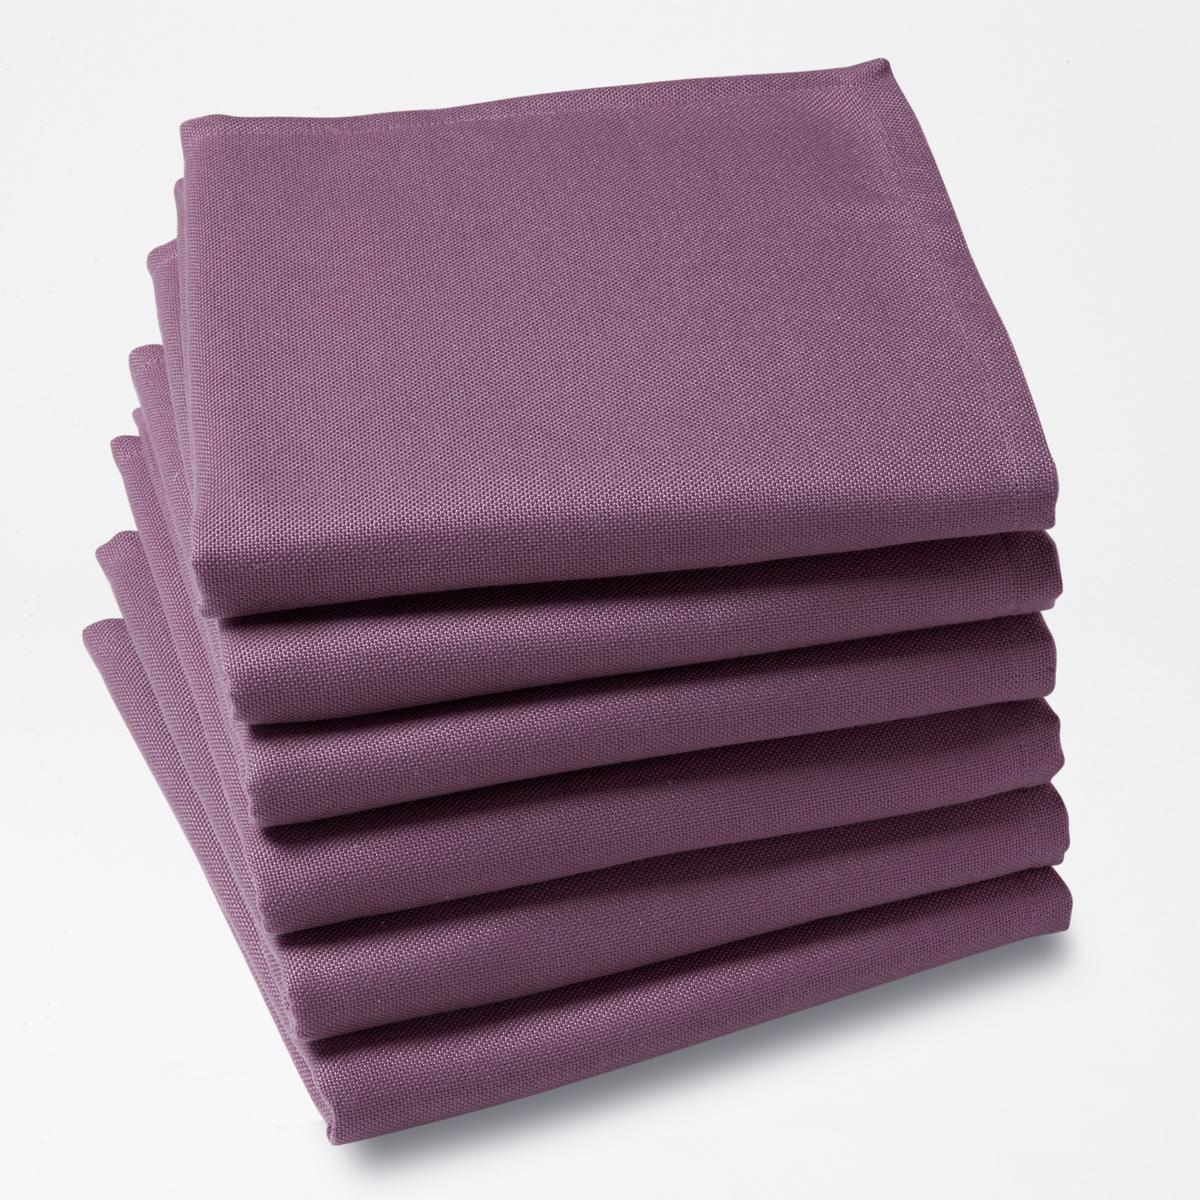 6 салфетокХарактеристики столовых салфеток:100% полиэстера.Покрытие от пятен.Подшитые края. Стирать при 40°.Размер. 45 x 45 см.Знак Oeko-Tex® гарантирует, что товары протестированы и сертифицированы, не содержат вредных веществ, которые могли бы нанести вред здоровью.<br><br>Цвет: Серо-синий,ярко-фиолетовый